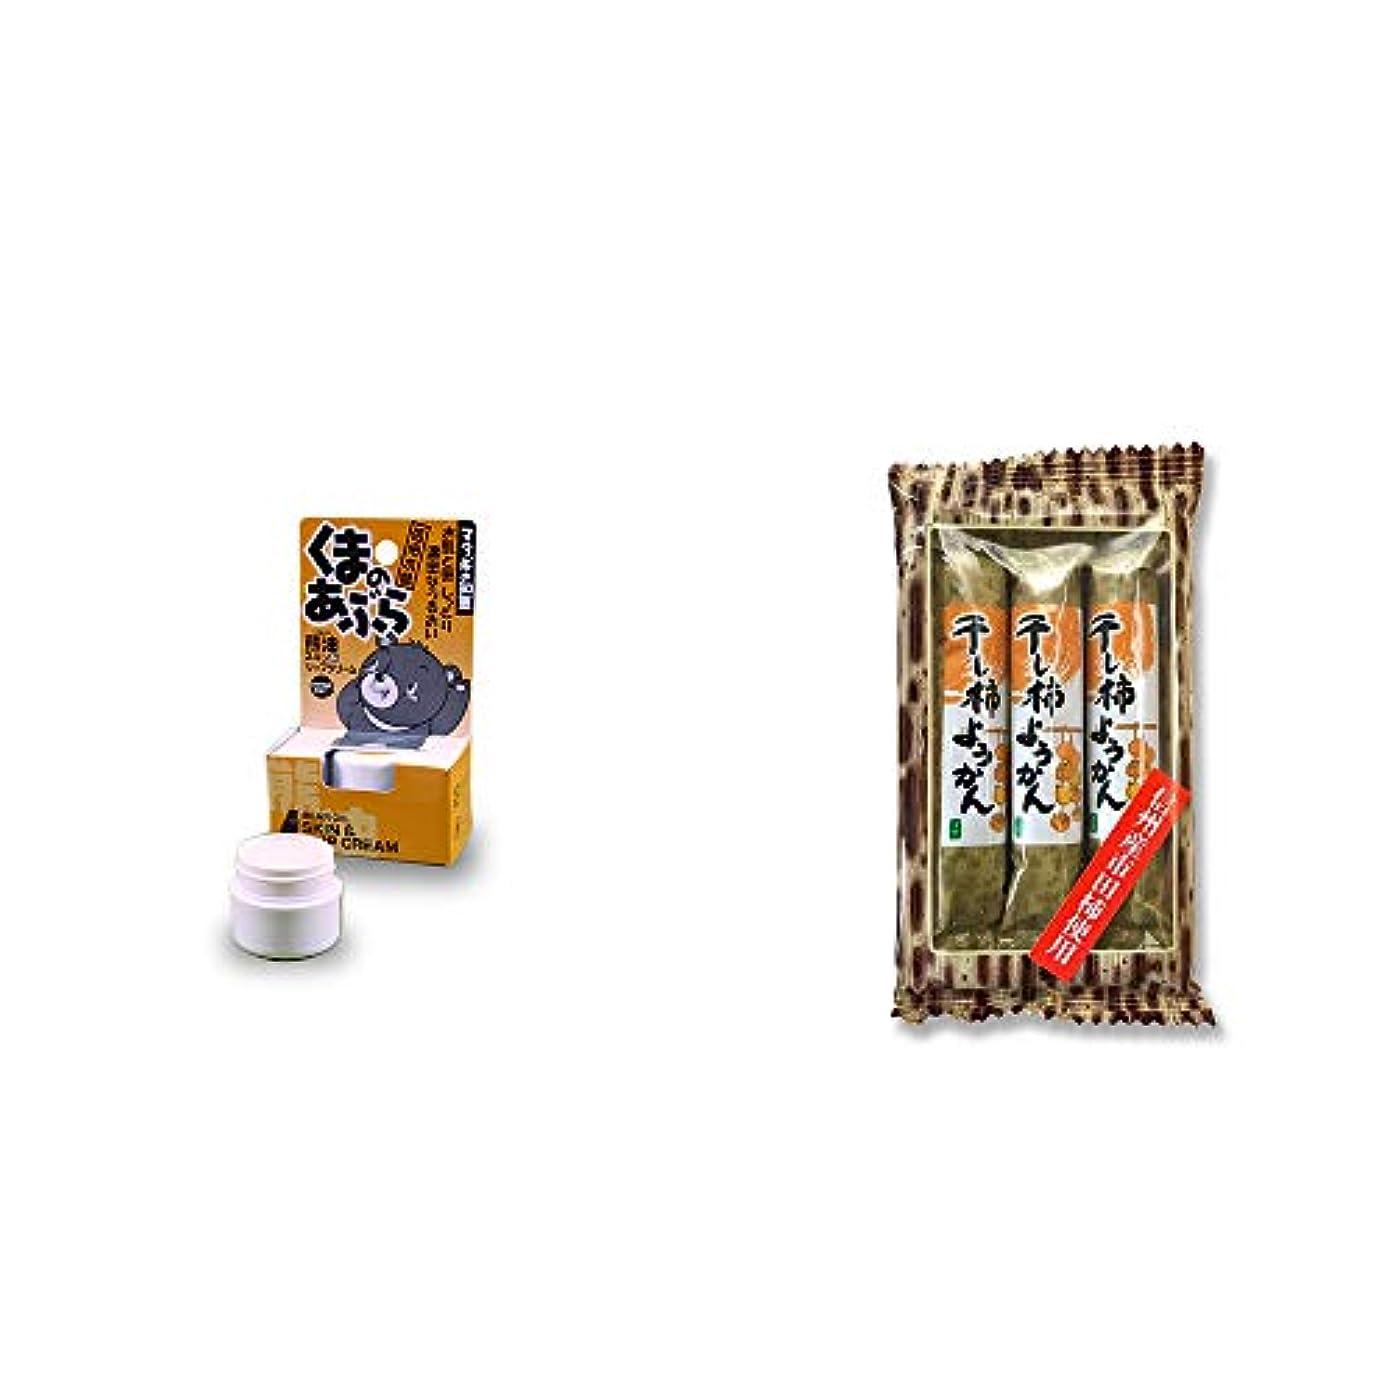 ヨーロッパハードリング霊[2点セット] 信州木曽 くまのあぶら 熊油スキン&リップクリーム(9g)?信州産市田柿使用 スティックようかん[柿](50g×3本)